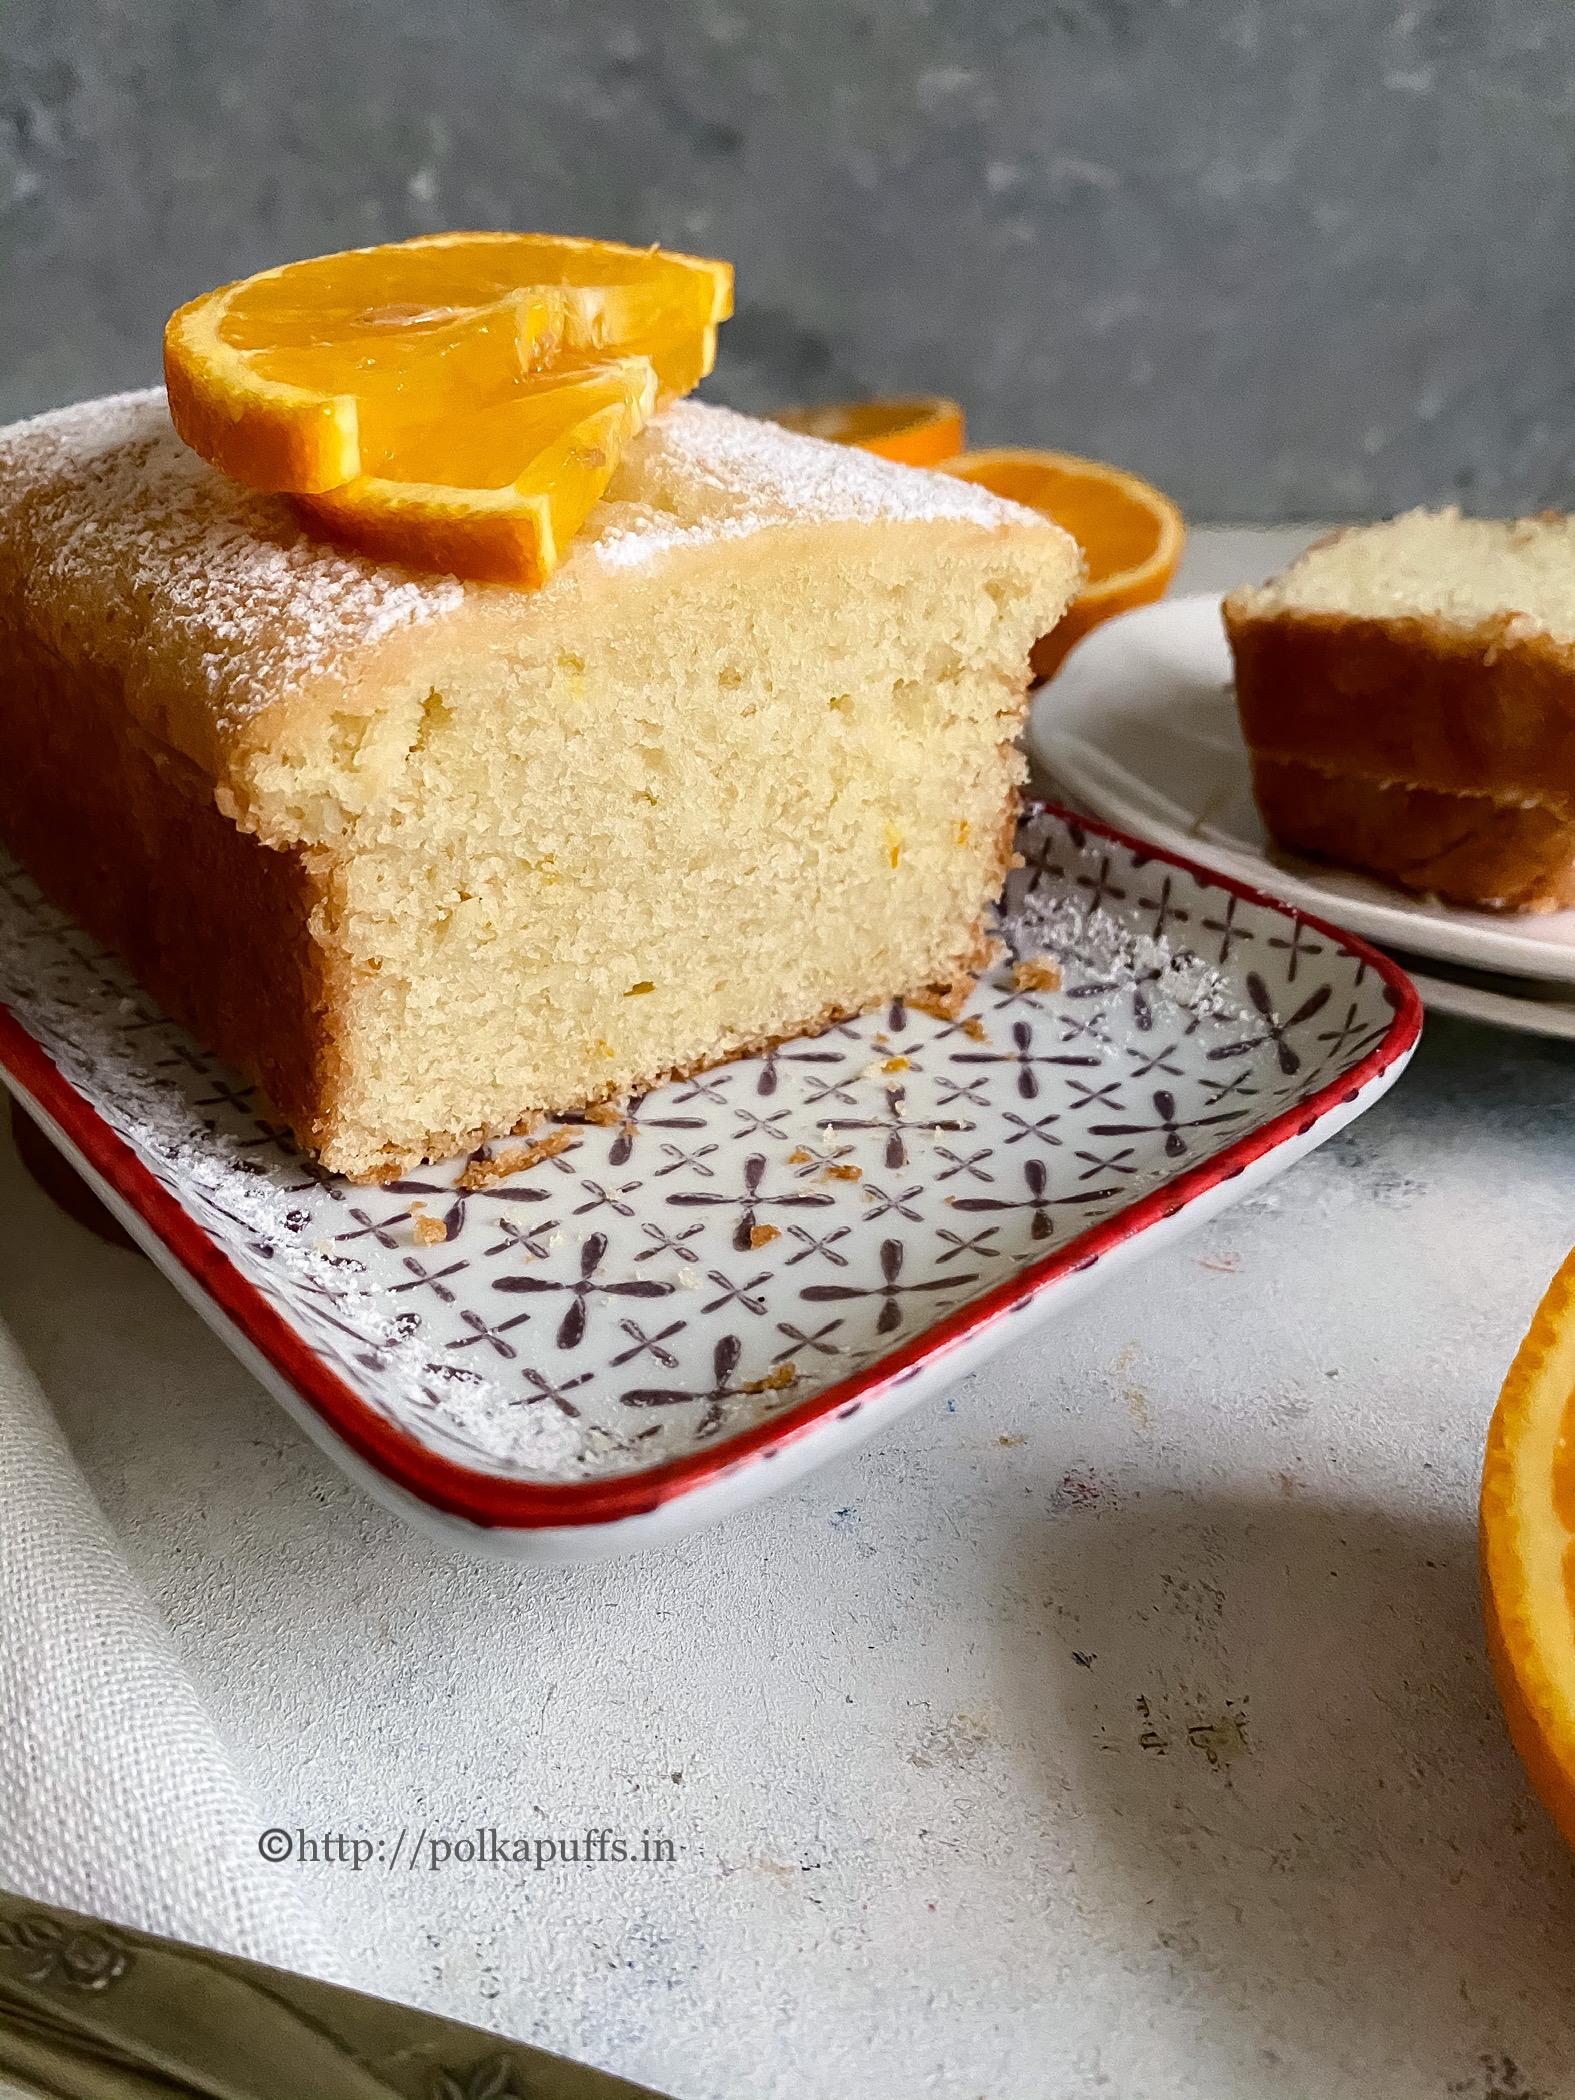 eggless orange cake Final 4